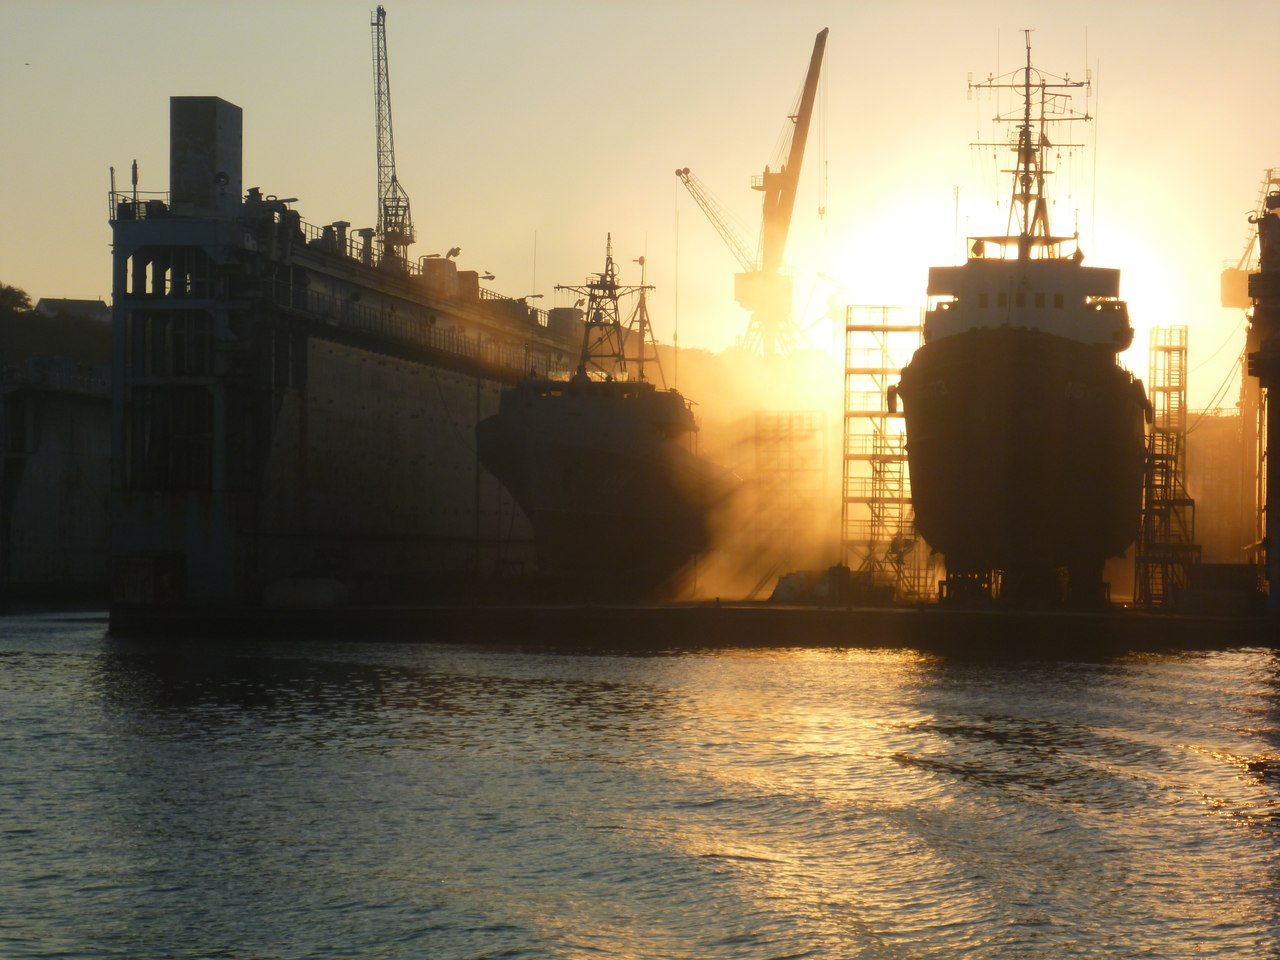 Сухой док и два корабля на ремонте